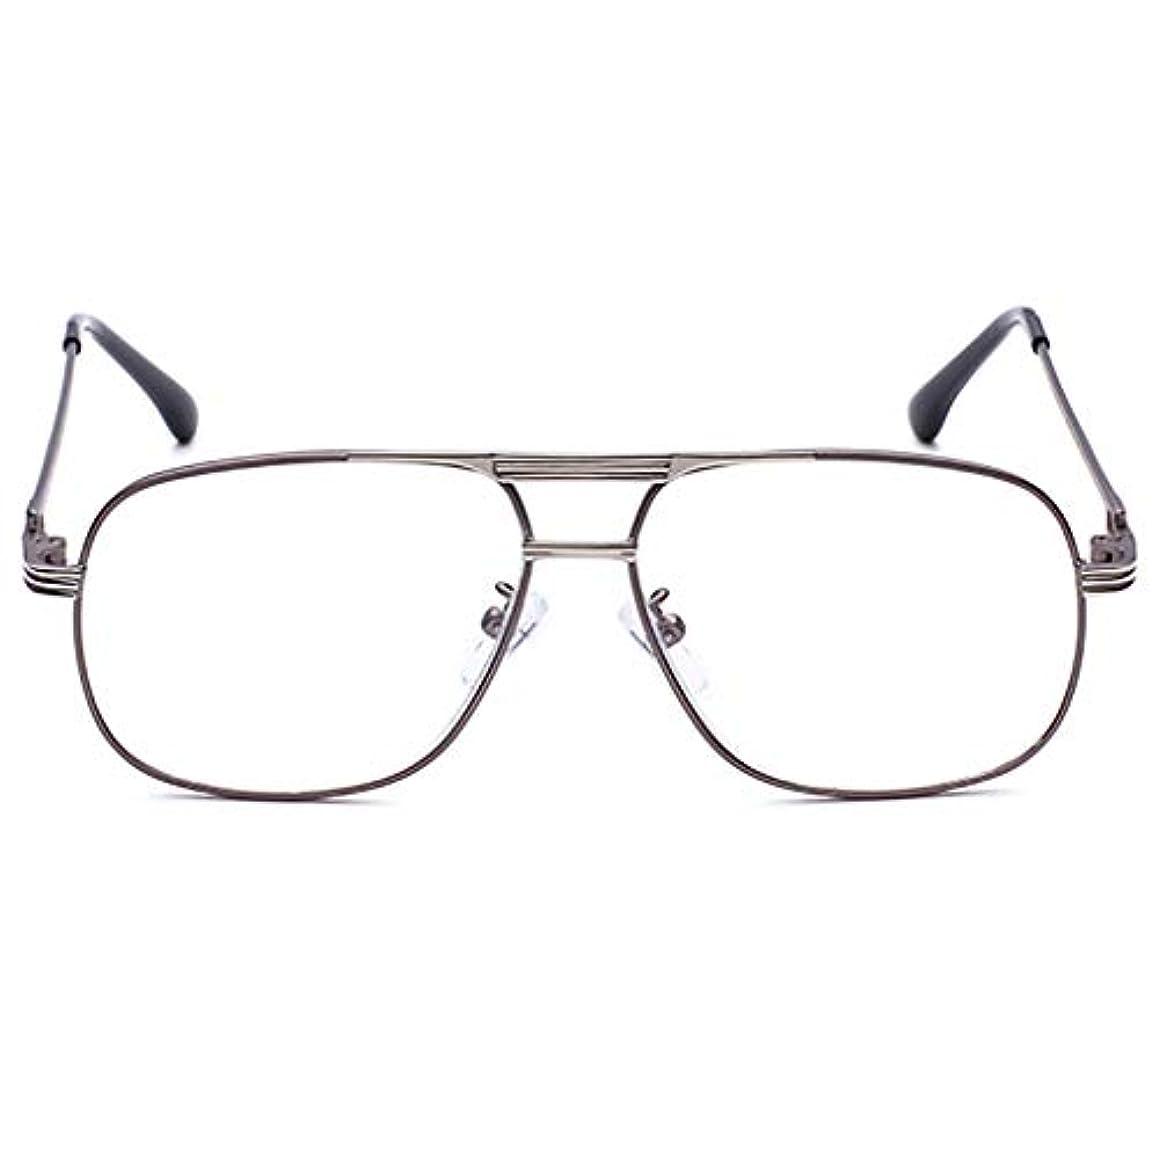 超音速簡潔な注文男性と女性のための老眼鏡ファッションヴィンテージスクエアd金属フレーム高精細PCレンズ安全メッキメガネクロスとメガネケースで快適+ 1.0、+ 2.0、+ 3.0ジオプター